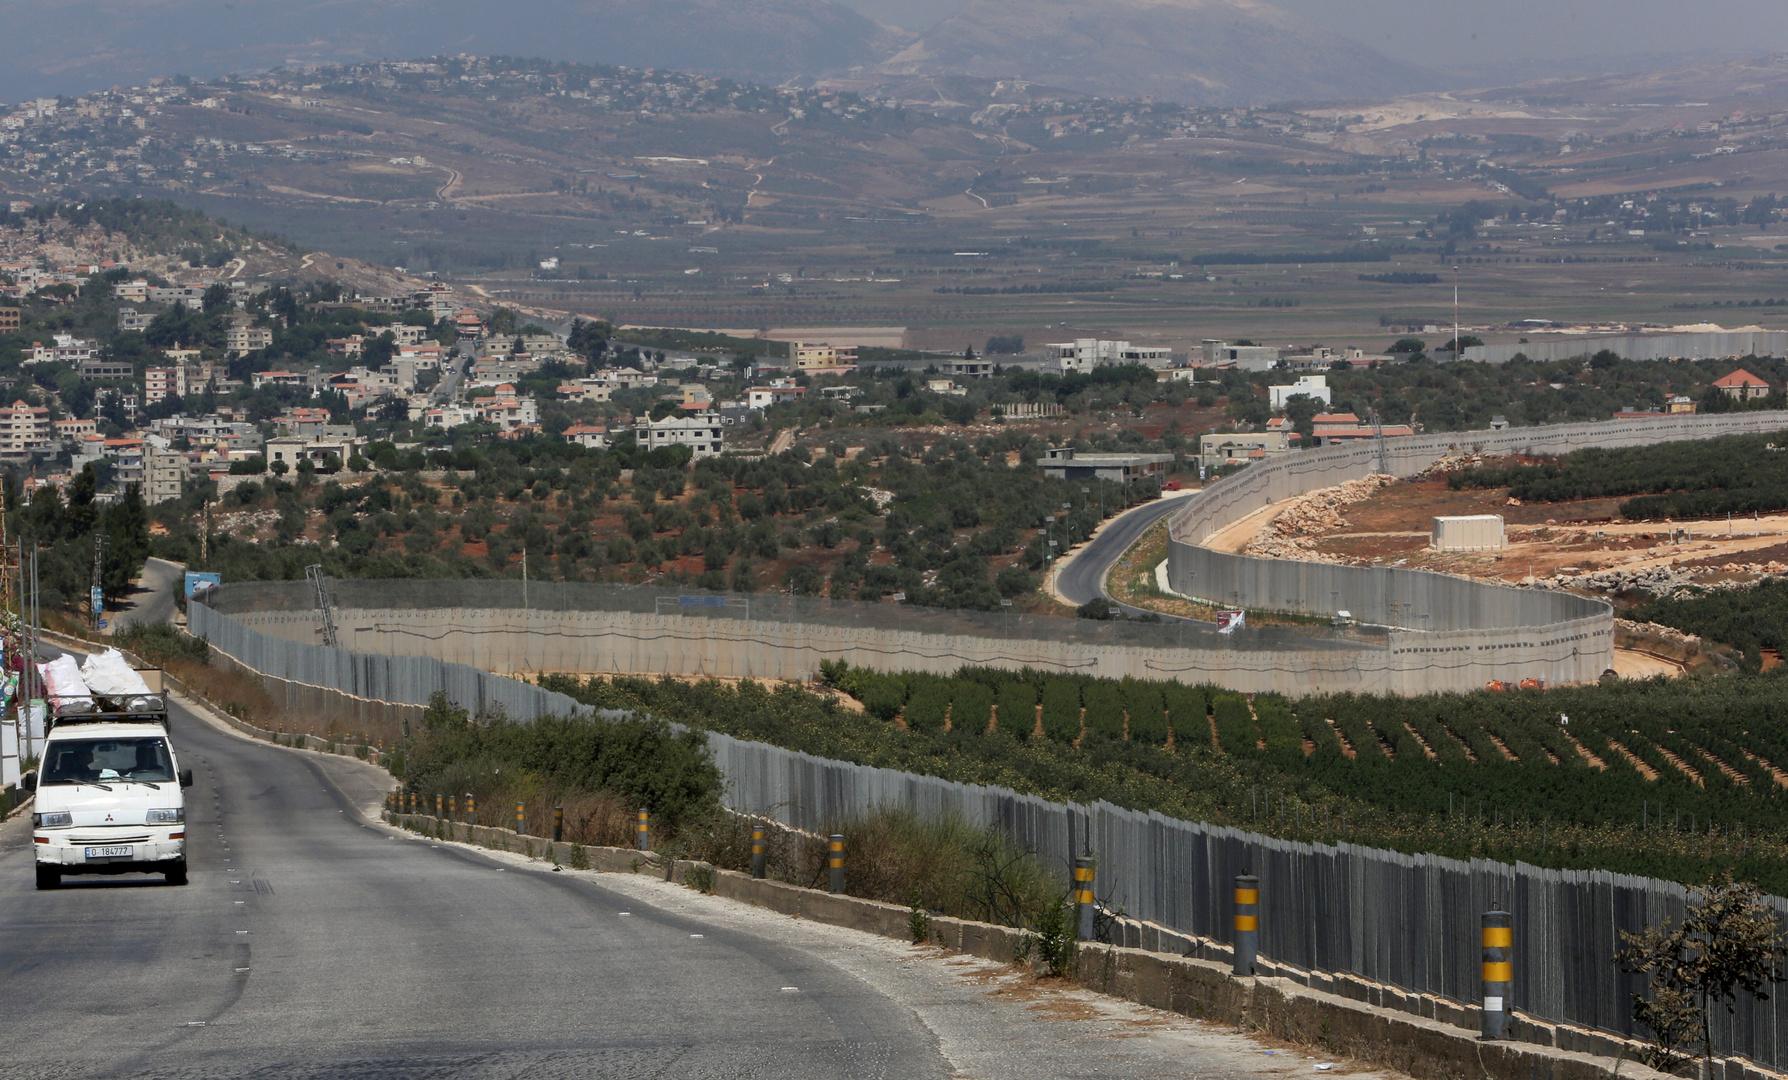 قرية العديسة الحدودية جنوب لبنان، صورة تعبيرية